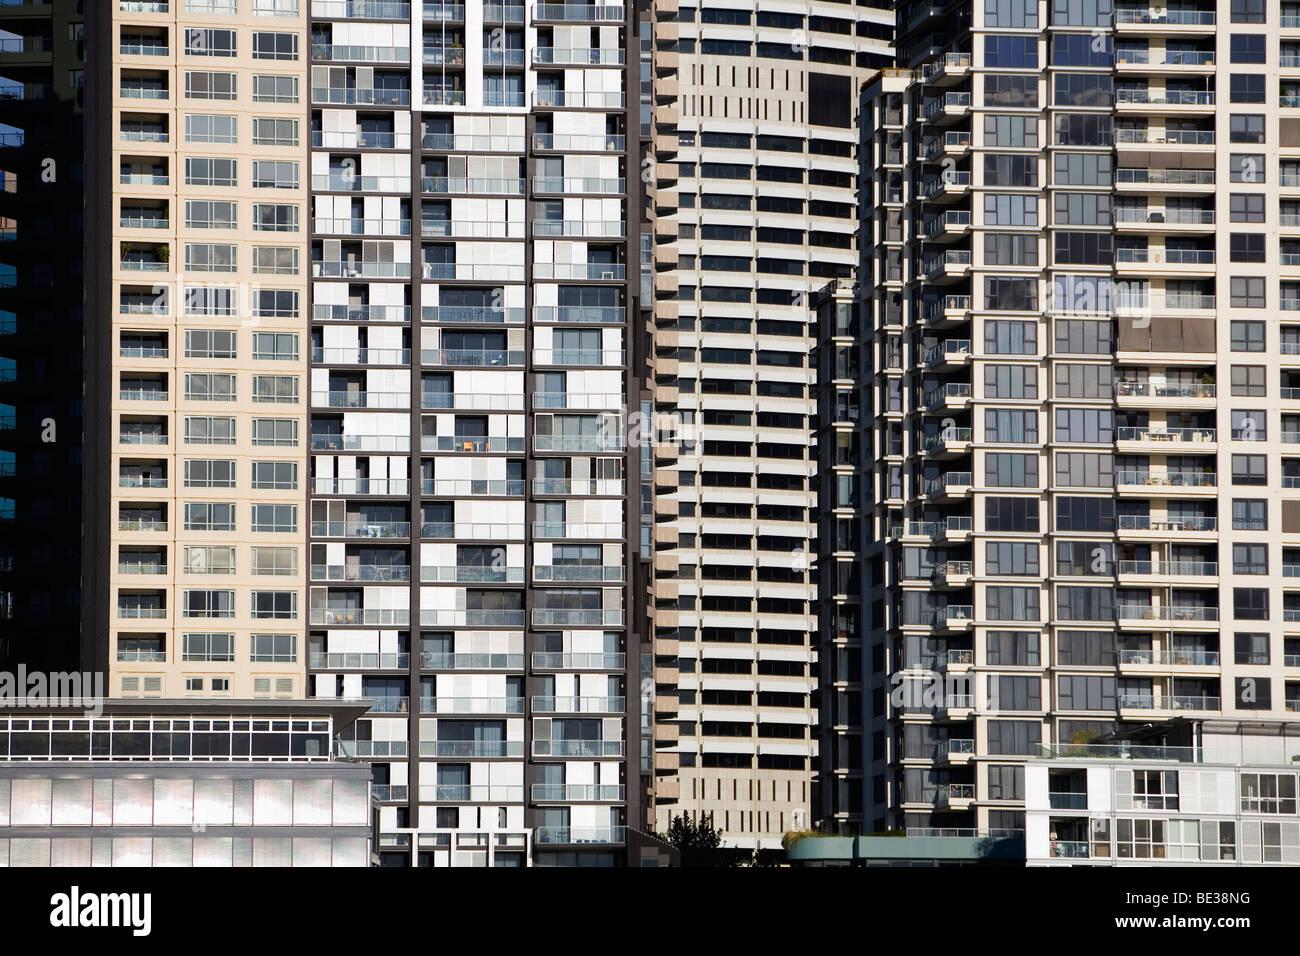 Les immeubles à appartements sur Darling Harbour, dans le centre de Sydney, New South Wales, Australia Photo Stock